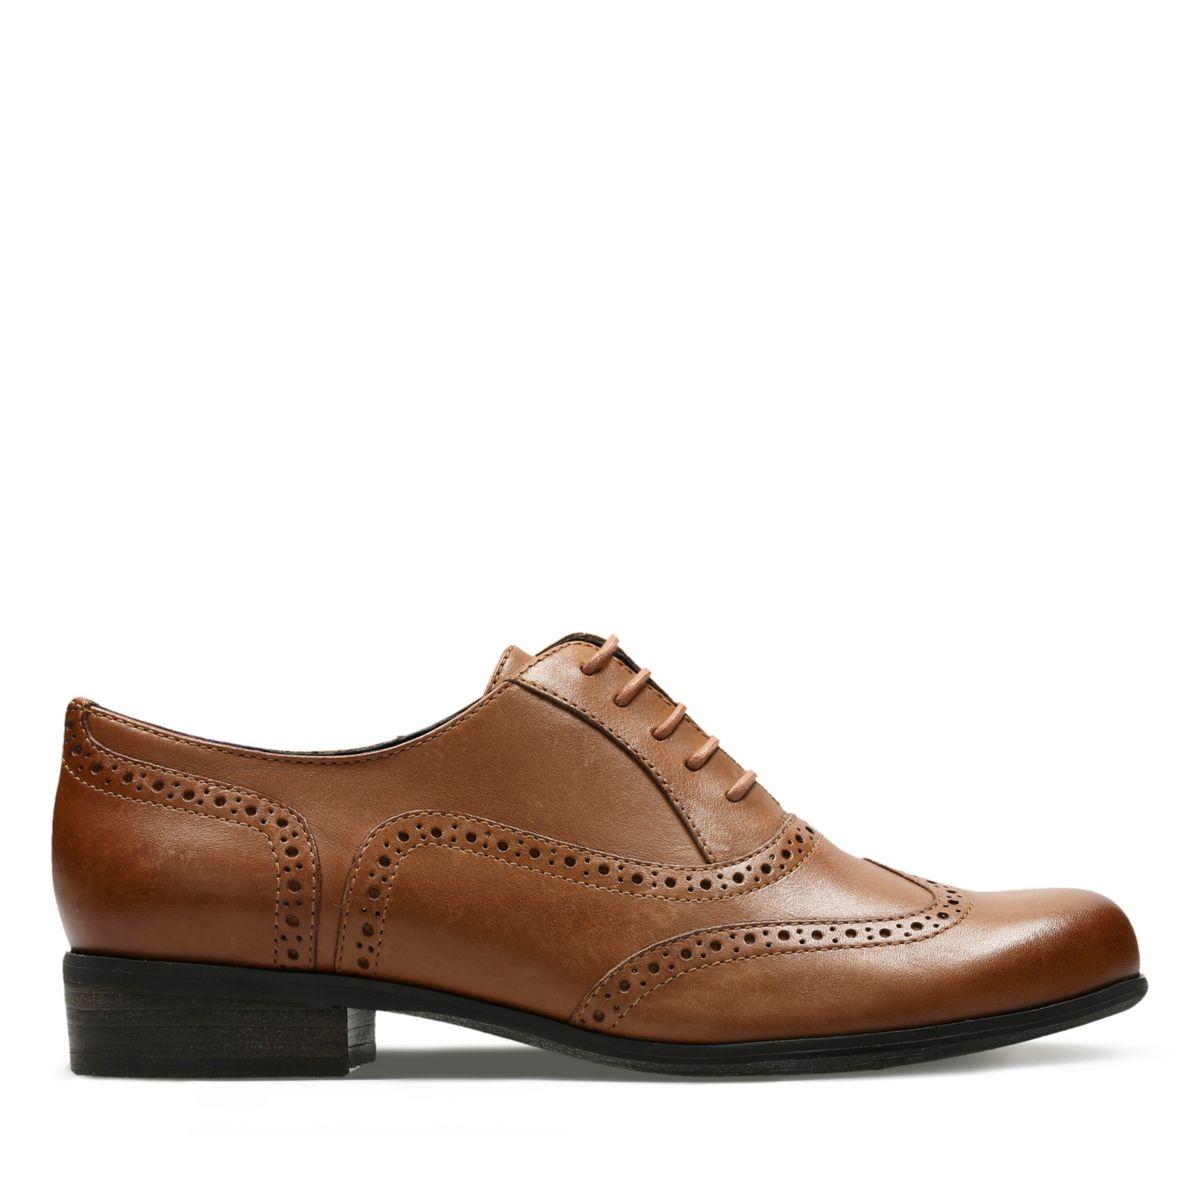 Clarks Hamble Oak 20350674 - Zapatos de cordones para mujer, color marrón, talla 37